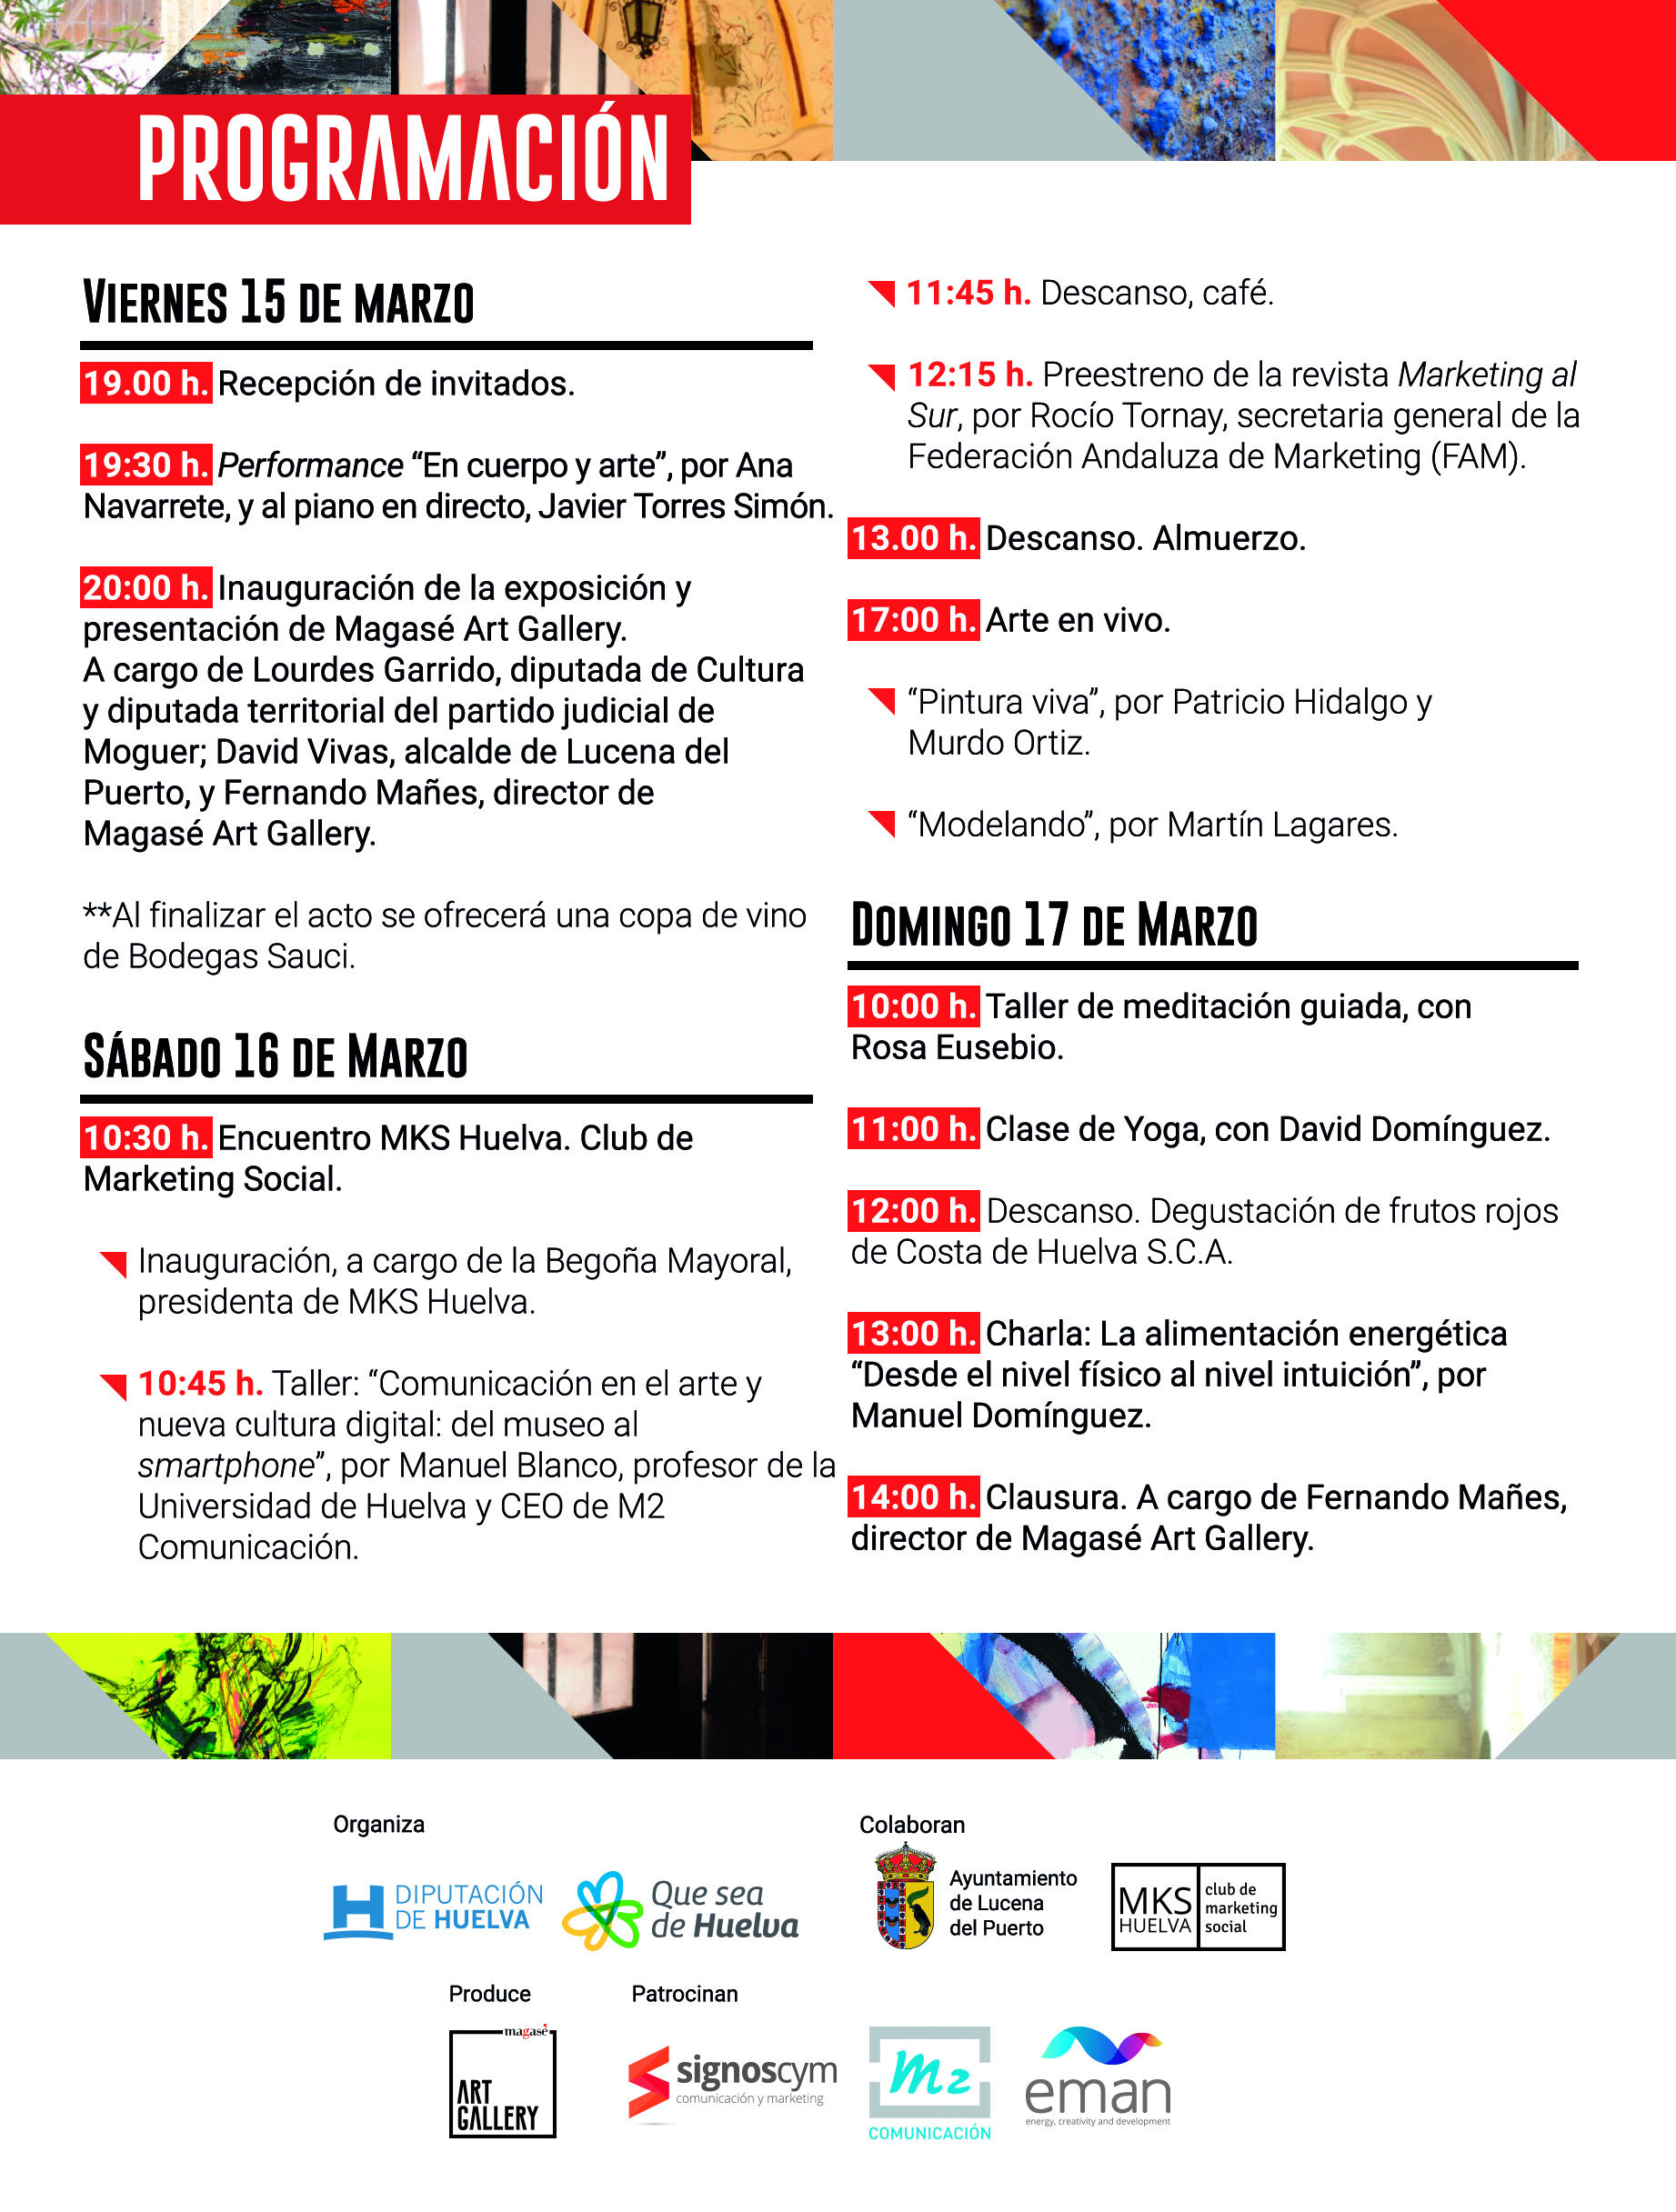 MKS Huelva organiza un taller de comunicación en el evento de arte 'Ars in luce'